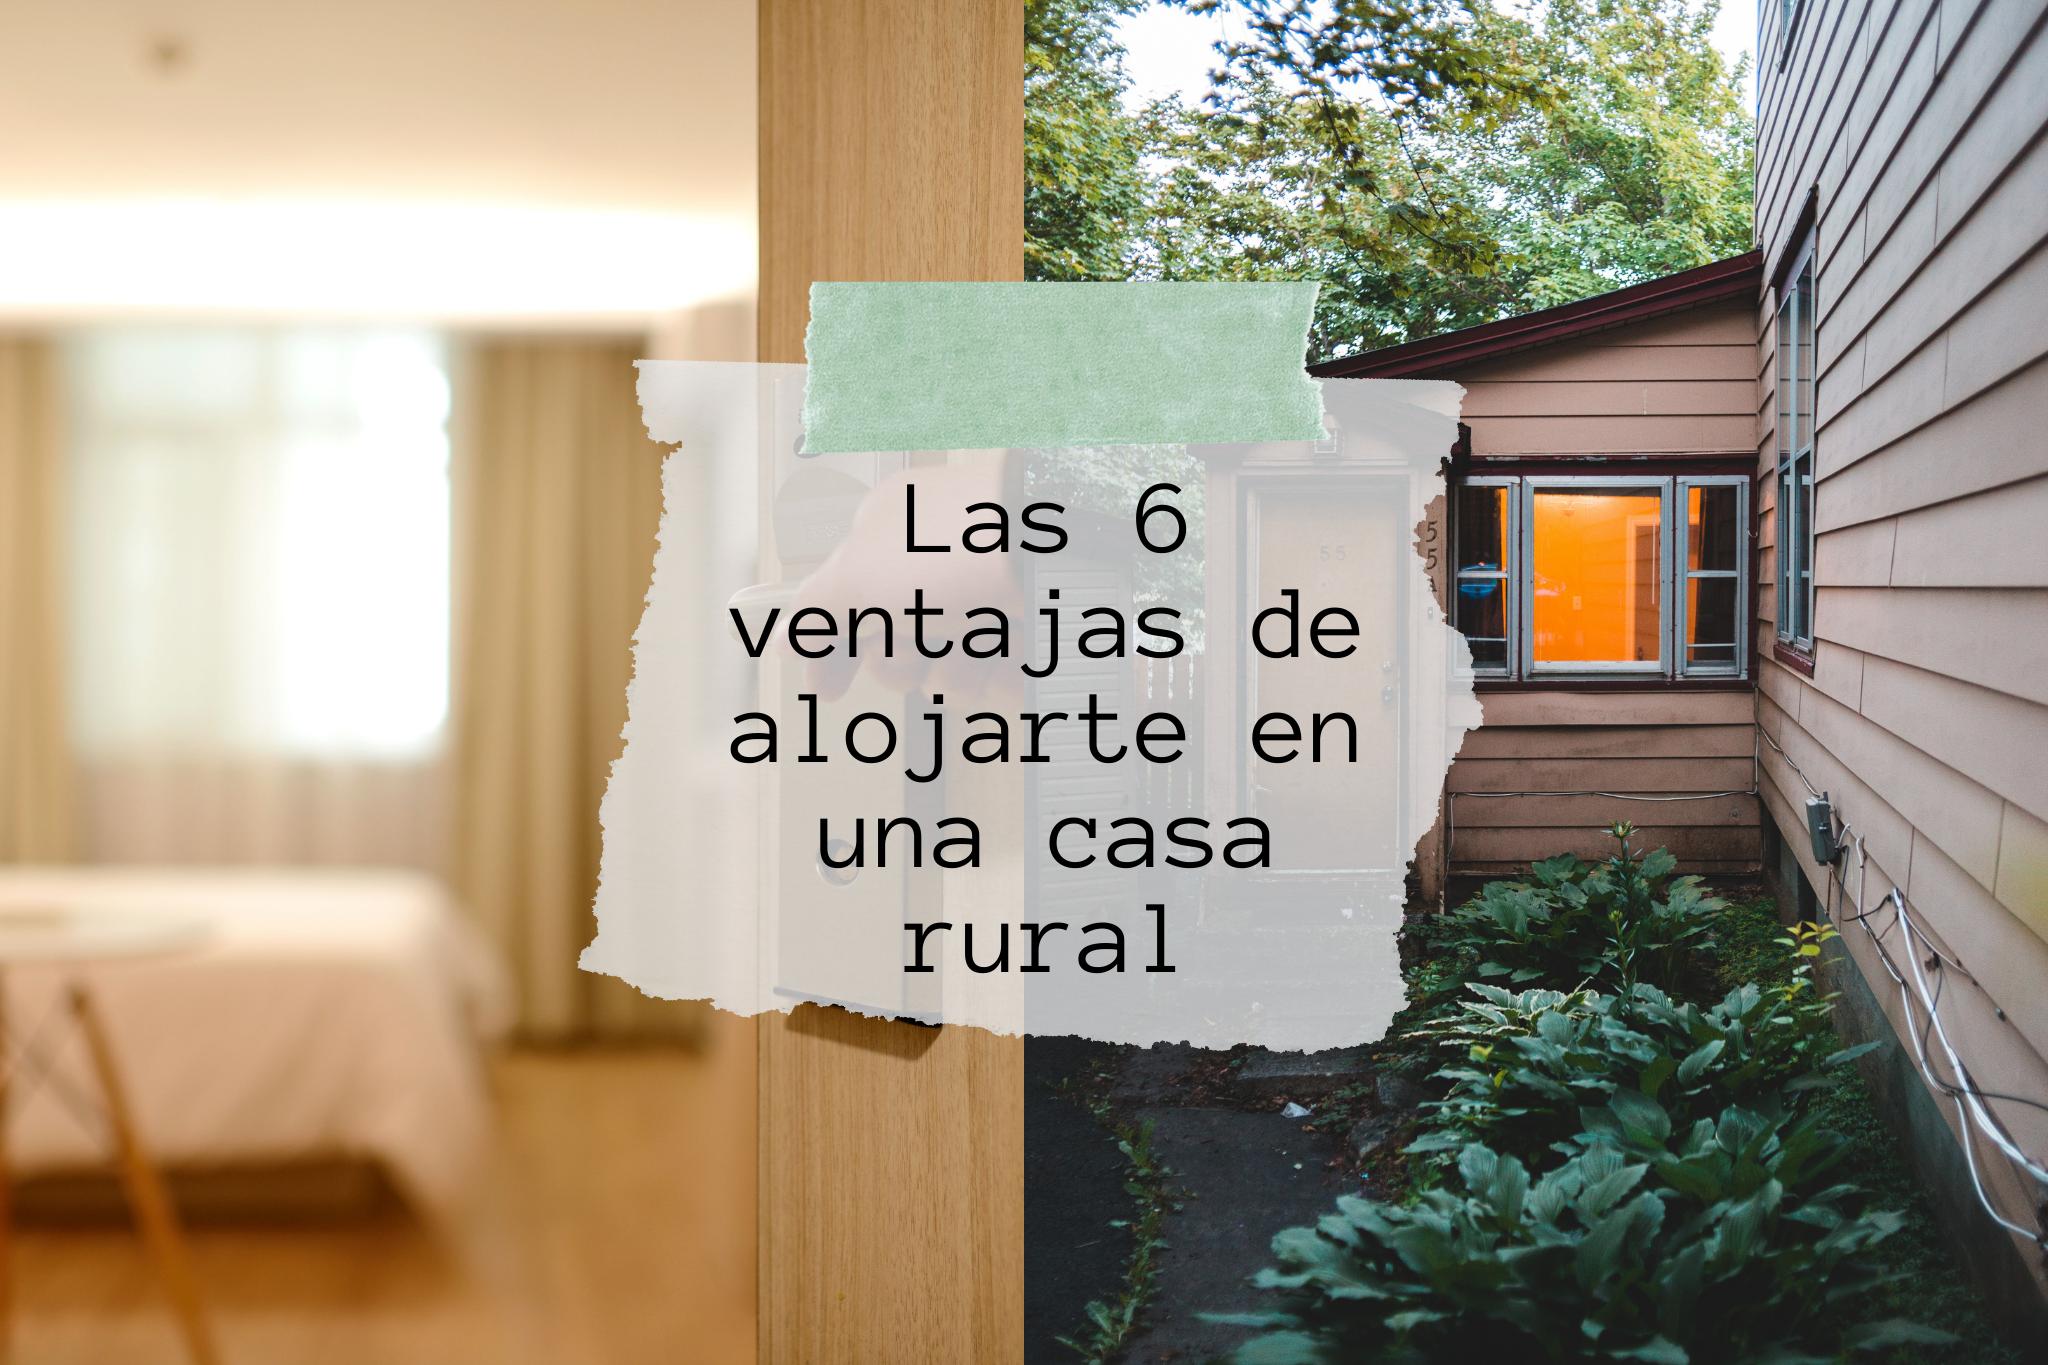 Las 6 ventajas de alojarte en una Casa Rural